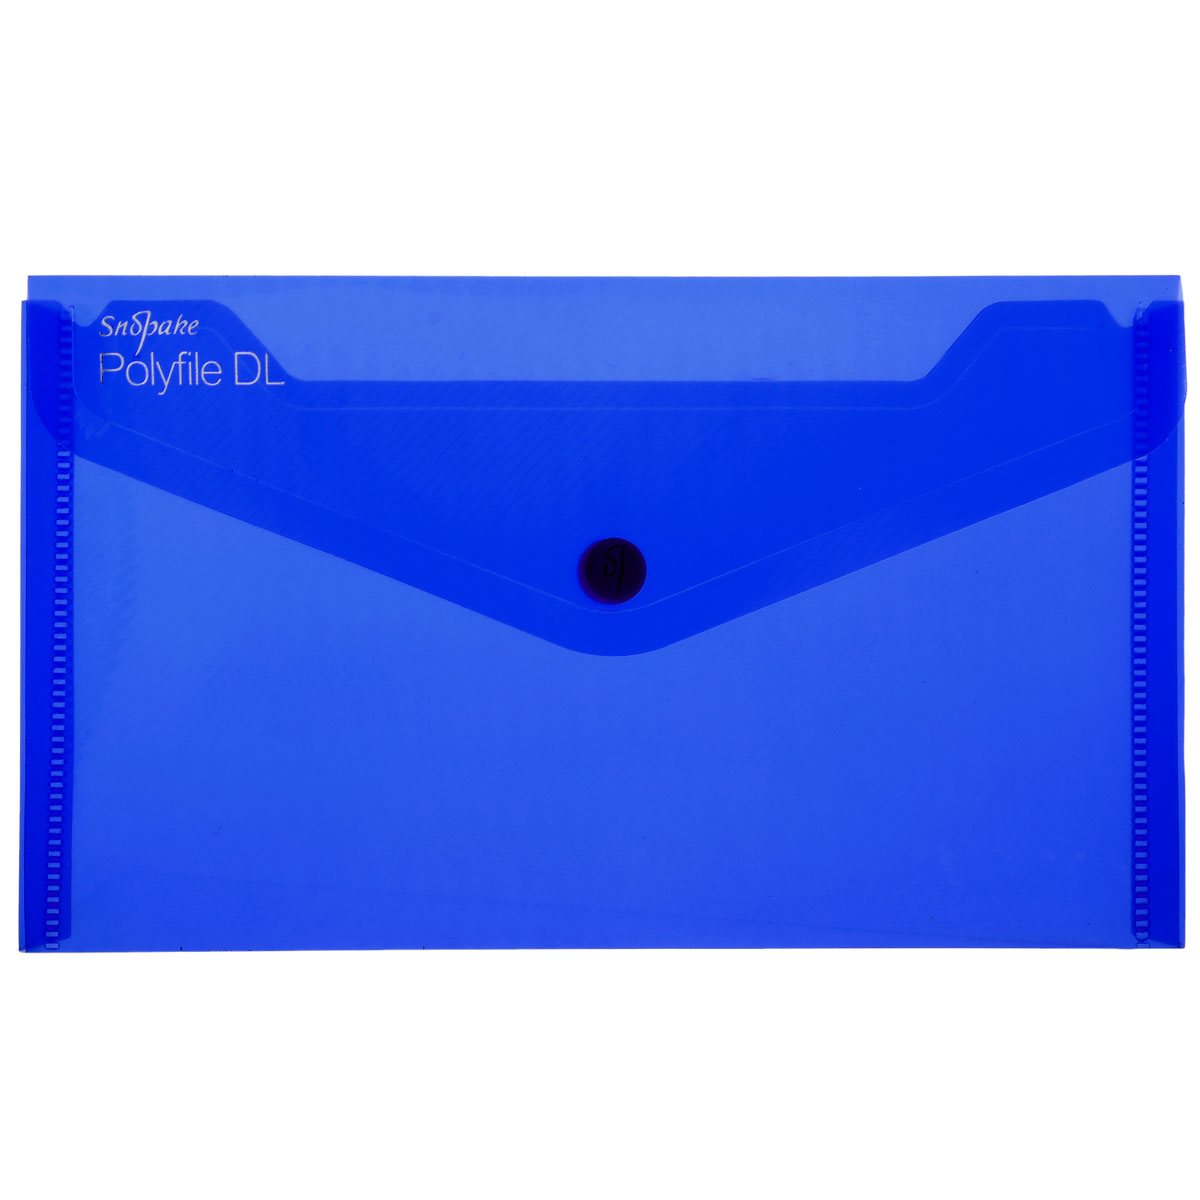 Папка-конверт на кнопке Snopake Polifile DL: Electra, цвет: синийAC-1121RDПапка-конверт на кнопке Snopake Polifile DL: Electra это удобный и функциональный инструмент, предназначенный для хранения и транспортировки документов.Папка изготовлена из прочного пластика с рельефной текстурой, закрывается клапаном на кнопку. Содержит одно отделение, которое подойдет для паспорта, водительских документов, пластиковых карт.Папка-конверт - идеальный вариант для путешествий. Такая папка надежно сохранит ваши документы и сбережет их от повреждений, пыли и влаги. Она сочетает в себе классический дизайн и неизменно высокое качество.